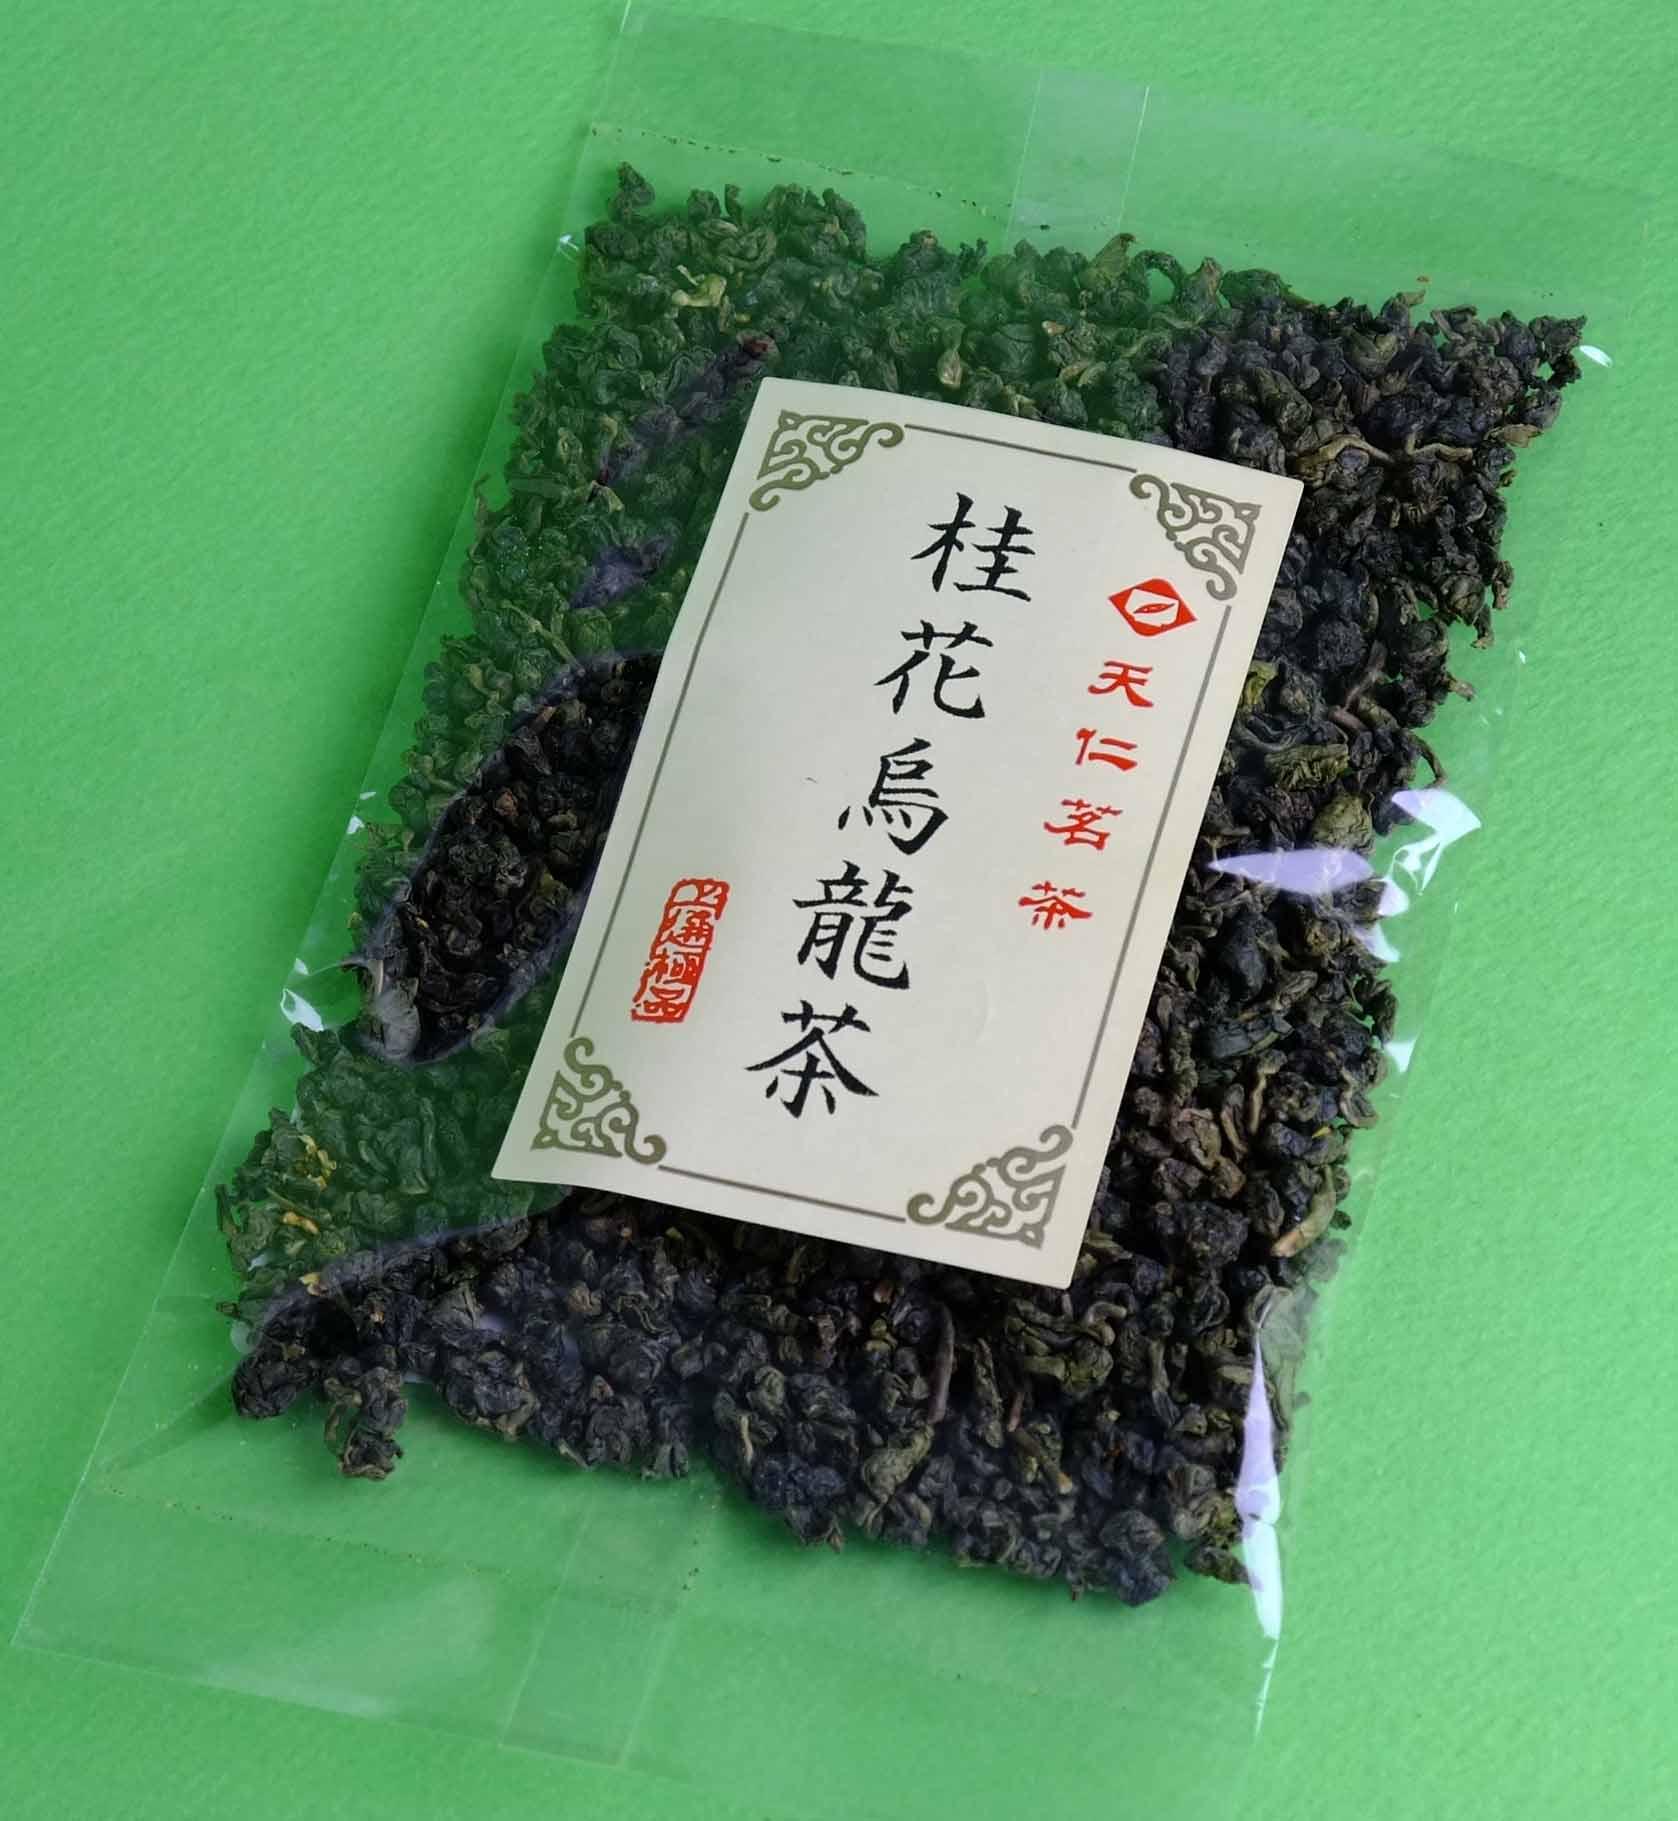 桂花烏龍茶は天仁茗茶のオリジナル商品です。